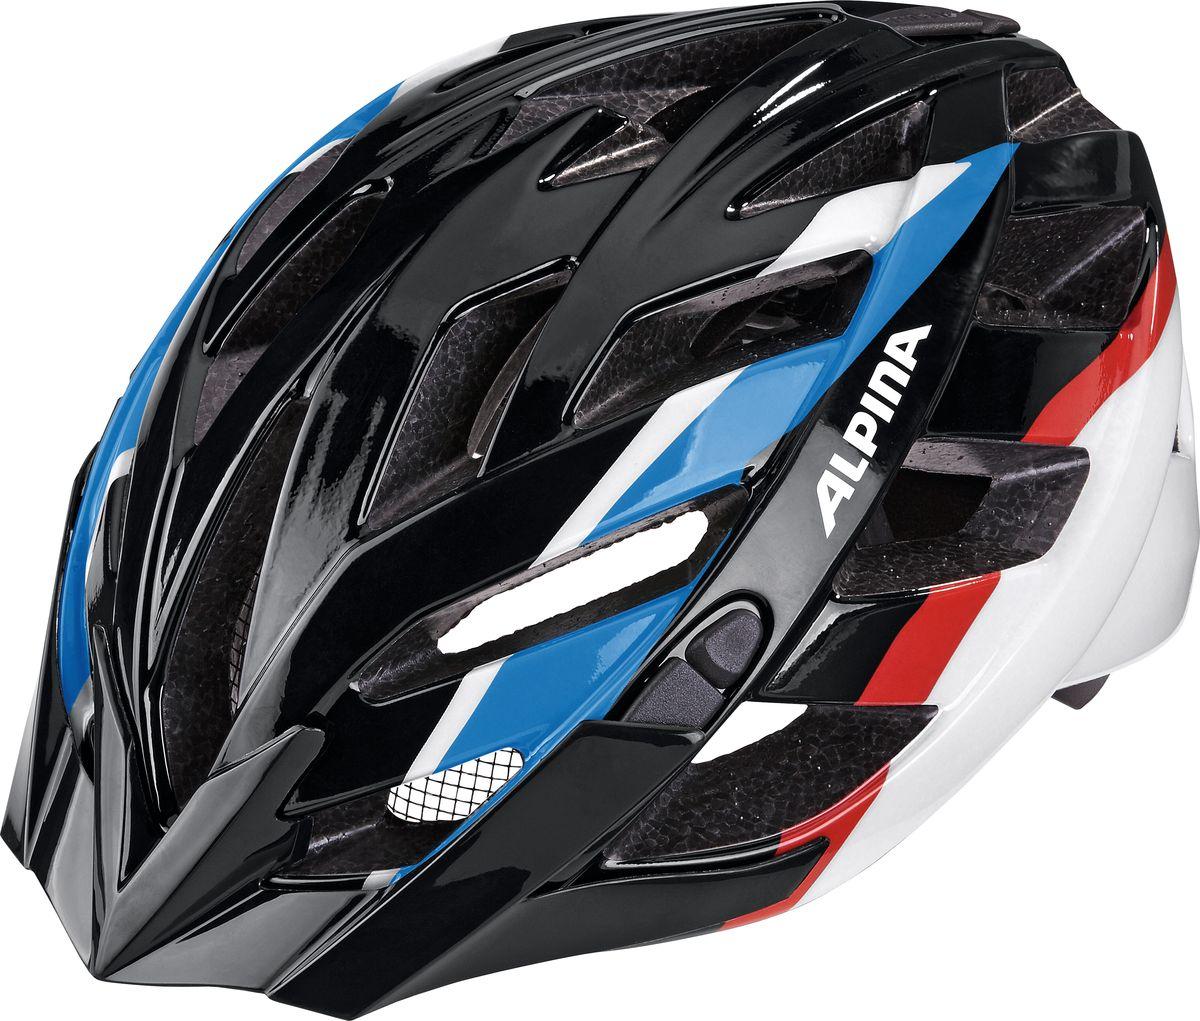 Шлем летний Alpina Panoma, цвет: черный, синий, красный. A9665136. Размер 52/57A9665136Классический универсальный велосипедный шлем с превосходной посадкой. Panoma - верный компаньон в ежедневных поездках до работы и выездов по выходным. 23 вентиляционных отверстия. Безопасность: Оболочка Inmold Производственный процесс заключается в нагревании до высокой температуры внешней поликарбонатной оболочки и запекании ее на EPS-тело шлема под высоким давлением. Этот процесс создает неразрывную связь по всей поверхности между внутренней и внешней оболочками, благодаря этому шлем получается не только очень легким, но и чрезвычайно стабильным. Hi-EPS Внутренняя оболочка выполнена из Hi-EPS (вспениный полистирол). Этот материал состоит из множества микроскопических воздушных камер, которые эффективно поглощают силу удара. Hi-EPS обеспечивает оптимальную защиту в сочетании с экстратонкими стенками. Ceramic Материал объединяет несколько преимуществ: устойчив к ударам и царапинам, содержит ультрафиолетовые стабилизаторы и...